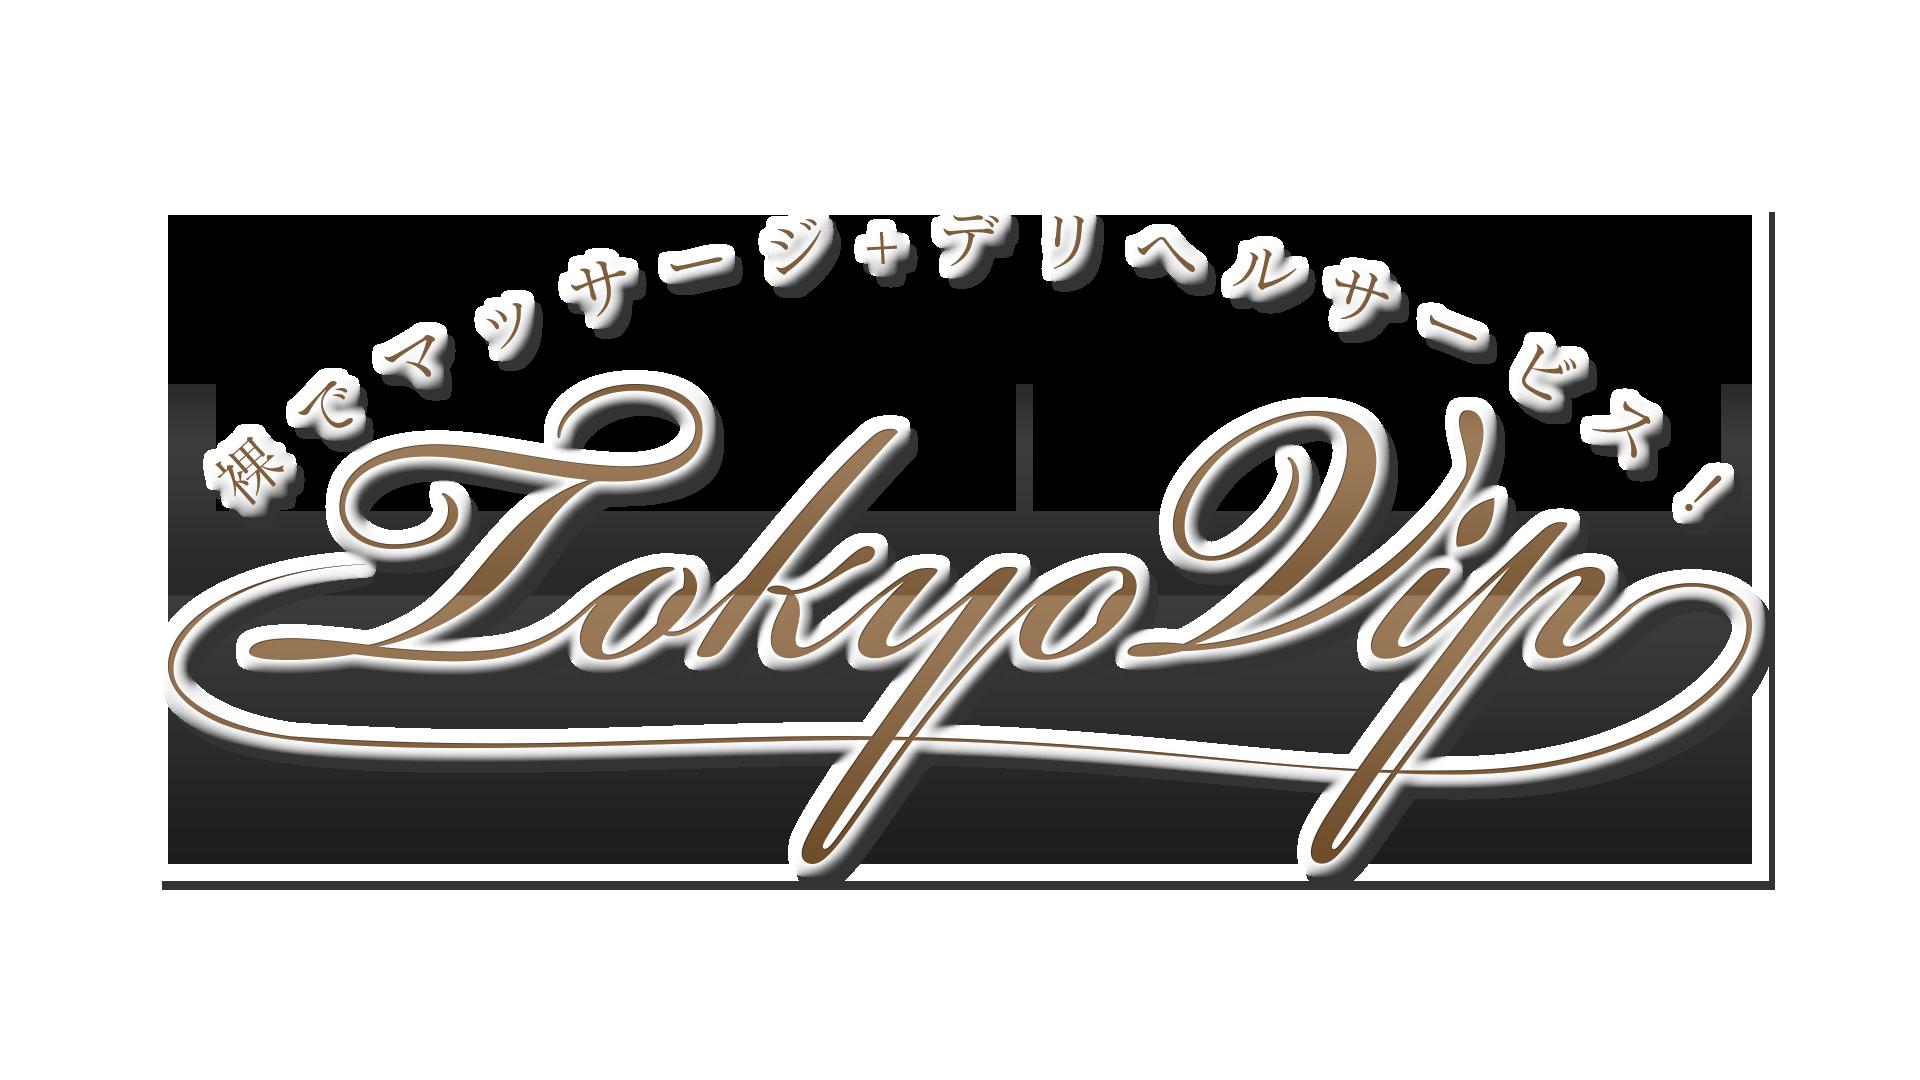 裸でマッサージ+デリヘルサービス!TOKYO VIP  ロゴ